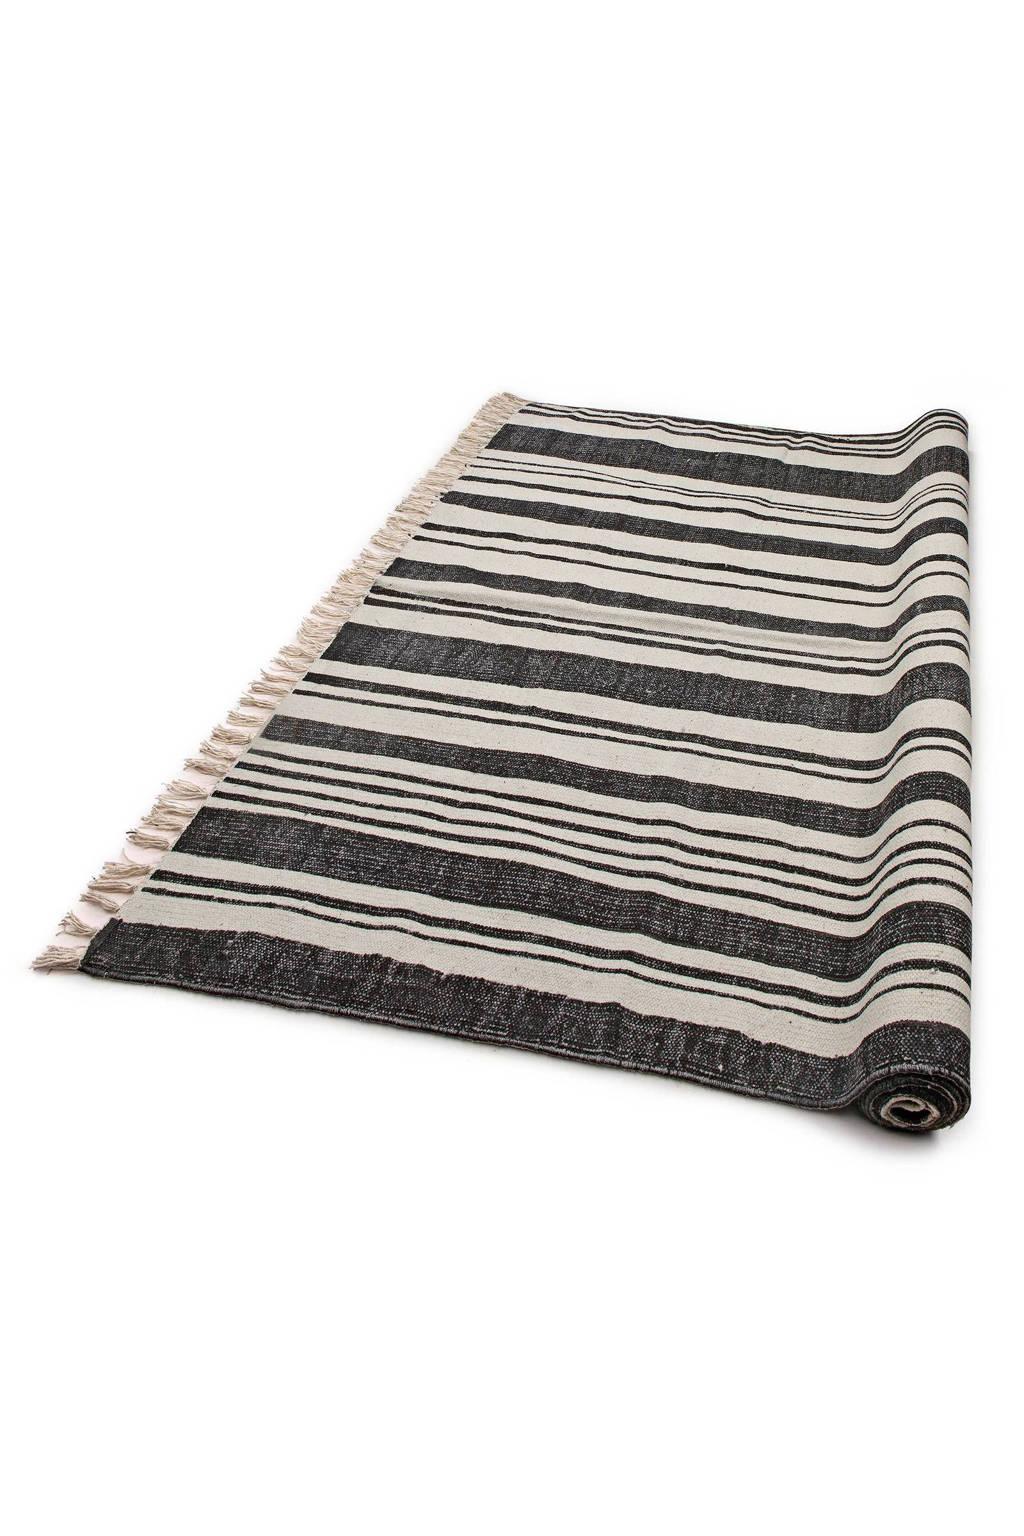 vtwonen vloerkleed  (240x170 cm), Zwart/wit